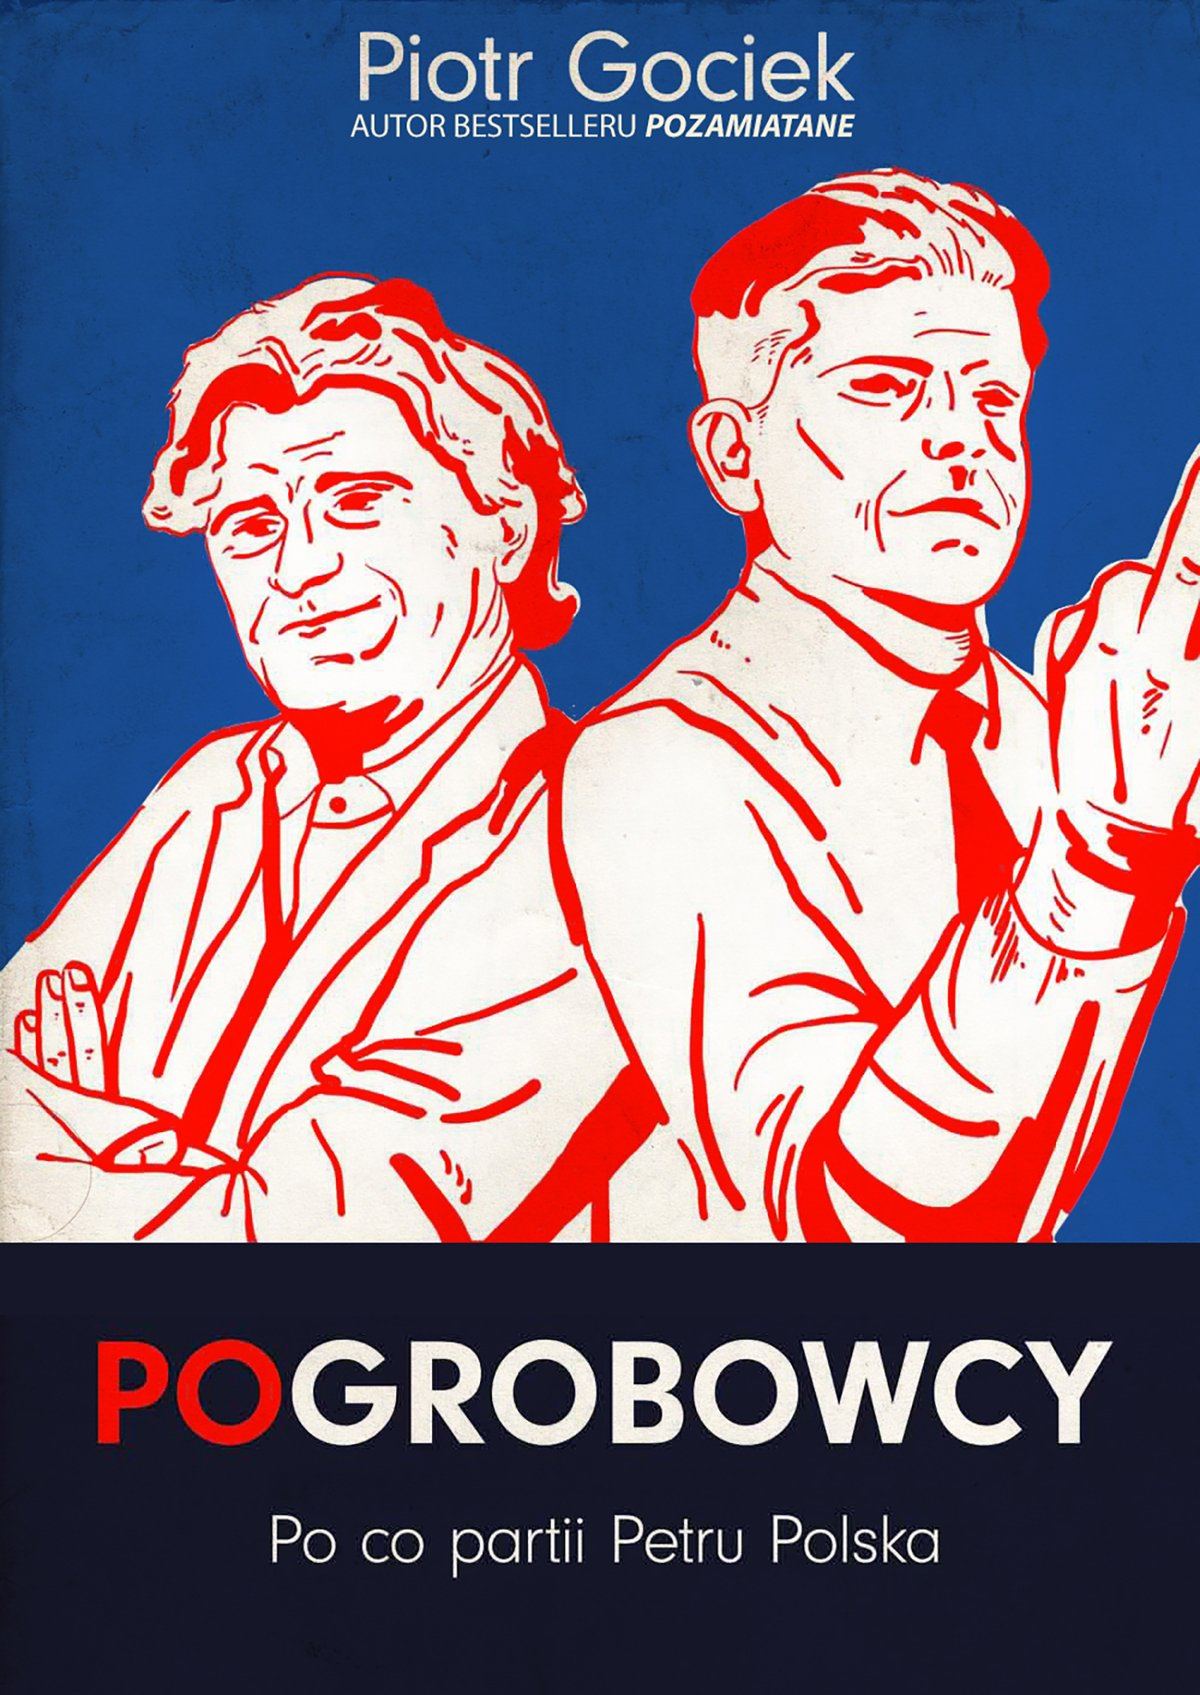 POgrobowcy. Po co partii Petru Polska - Ebook (Książka EPUB) do pobrania w formacie EPUB